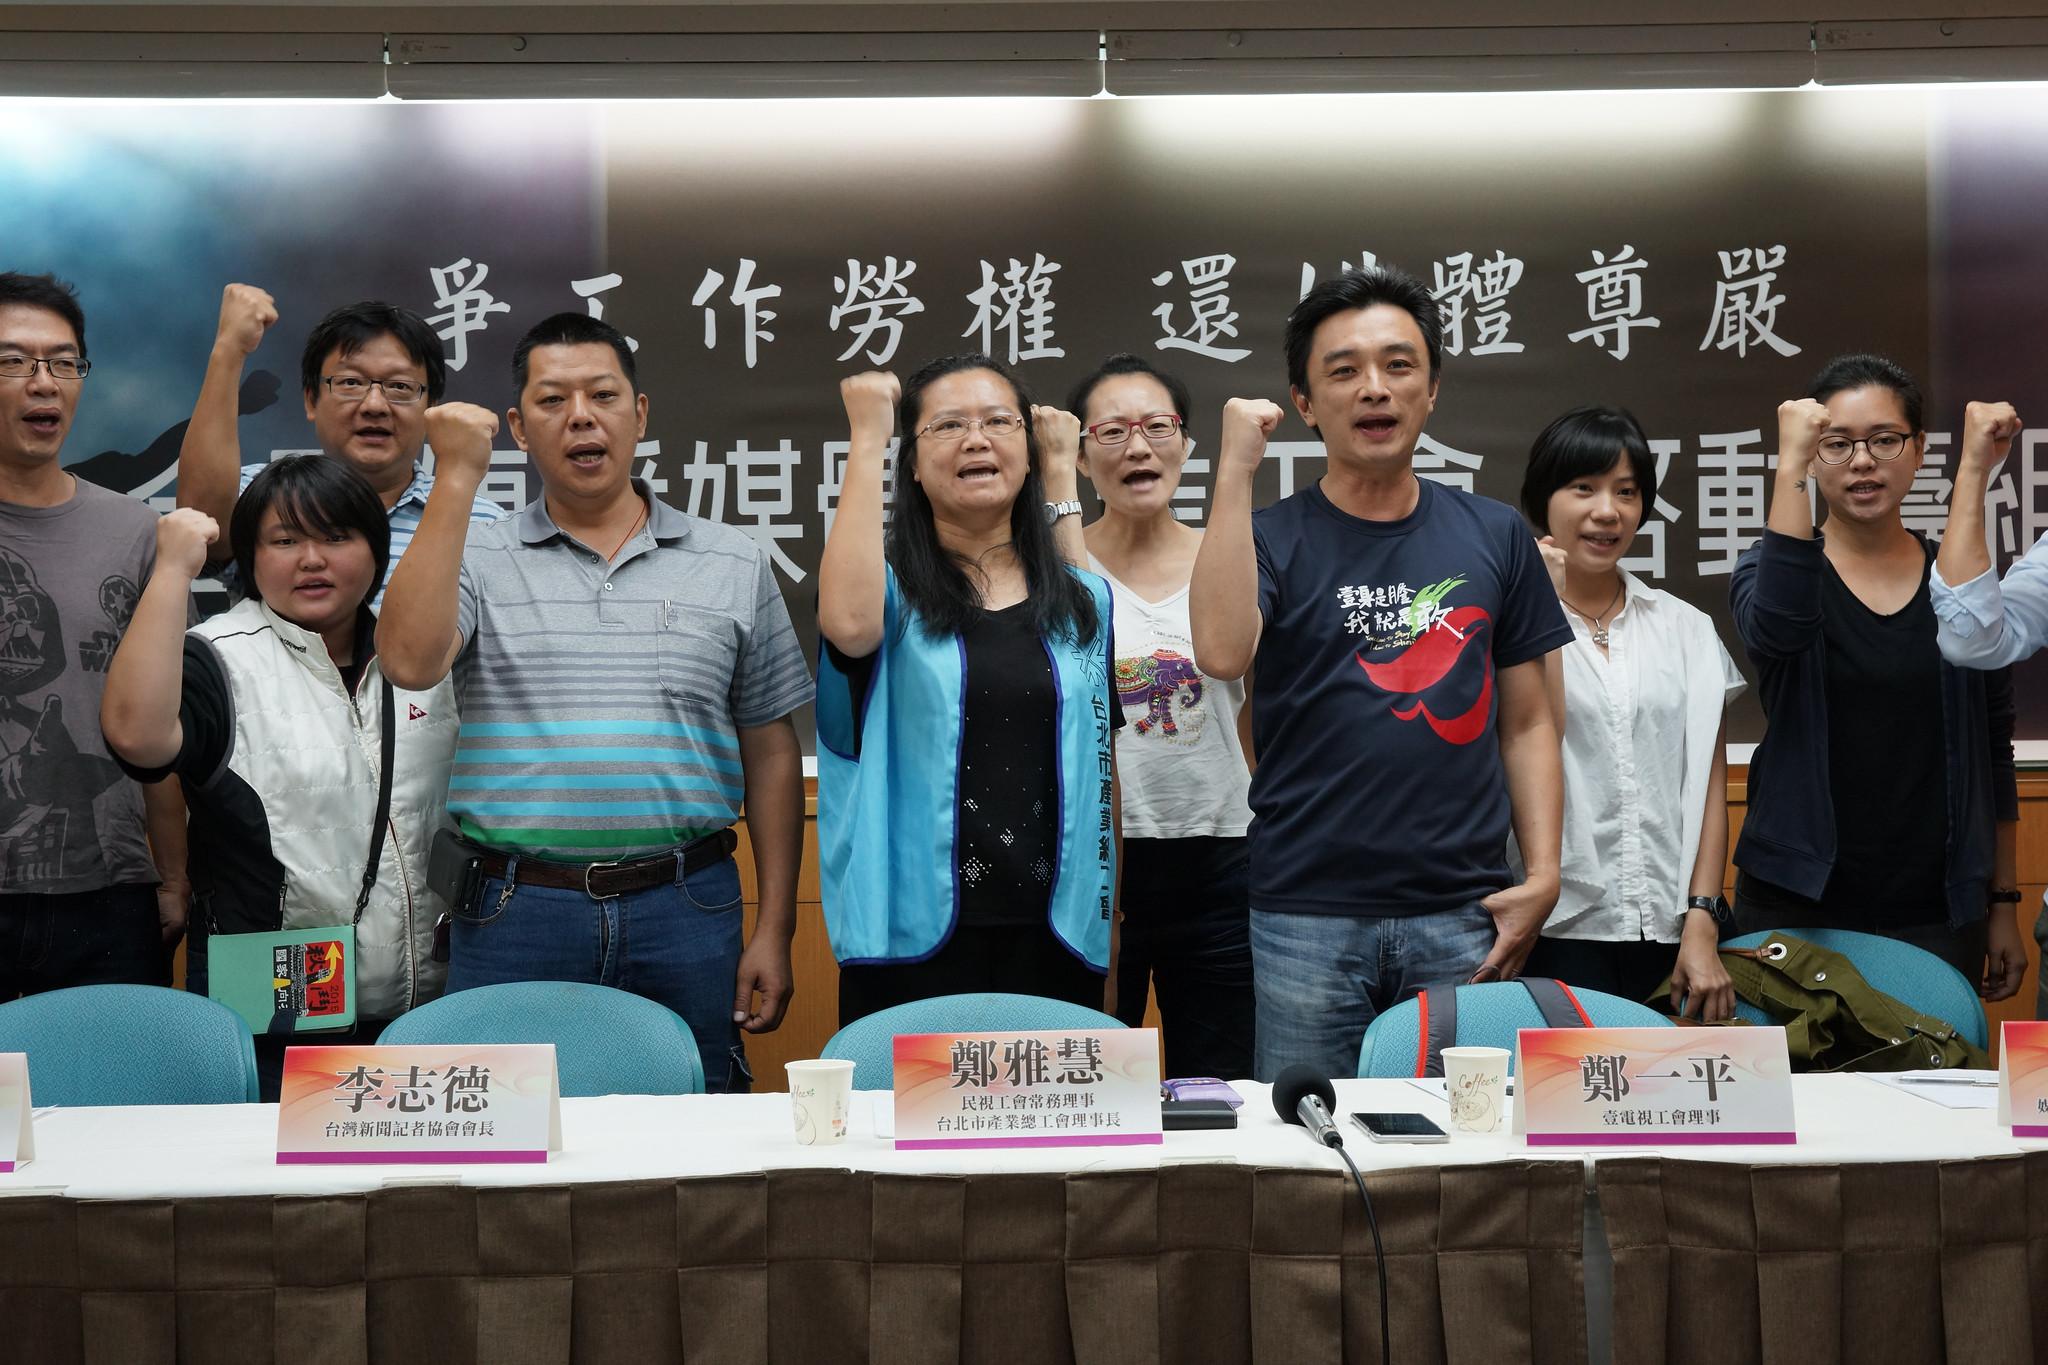 全國傳播媒體產業工會今宣佈籌組。(攝影:王顥中)